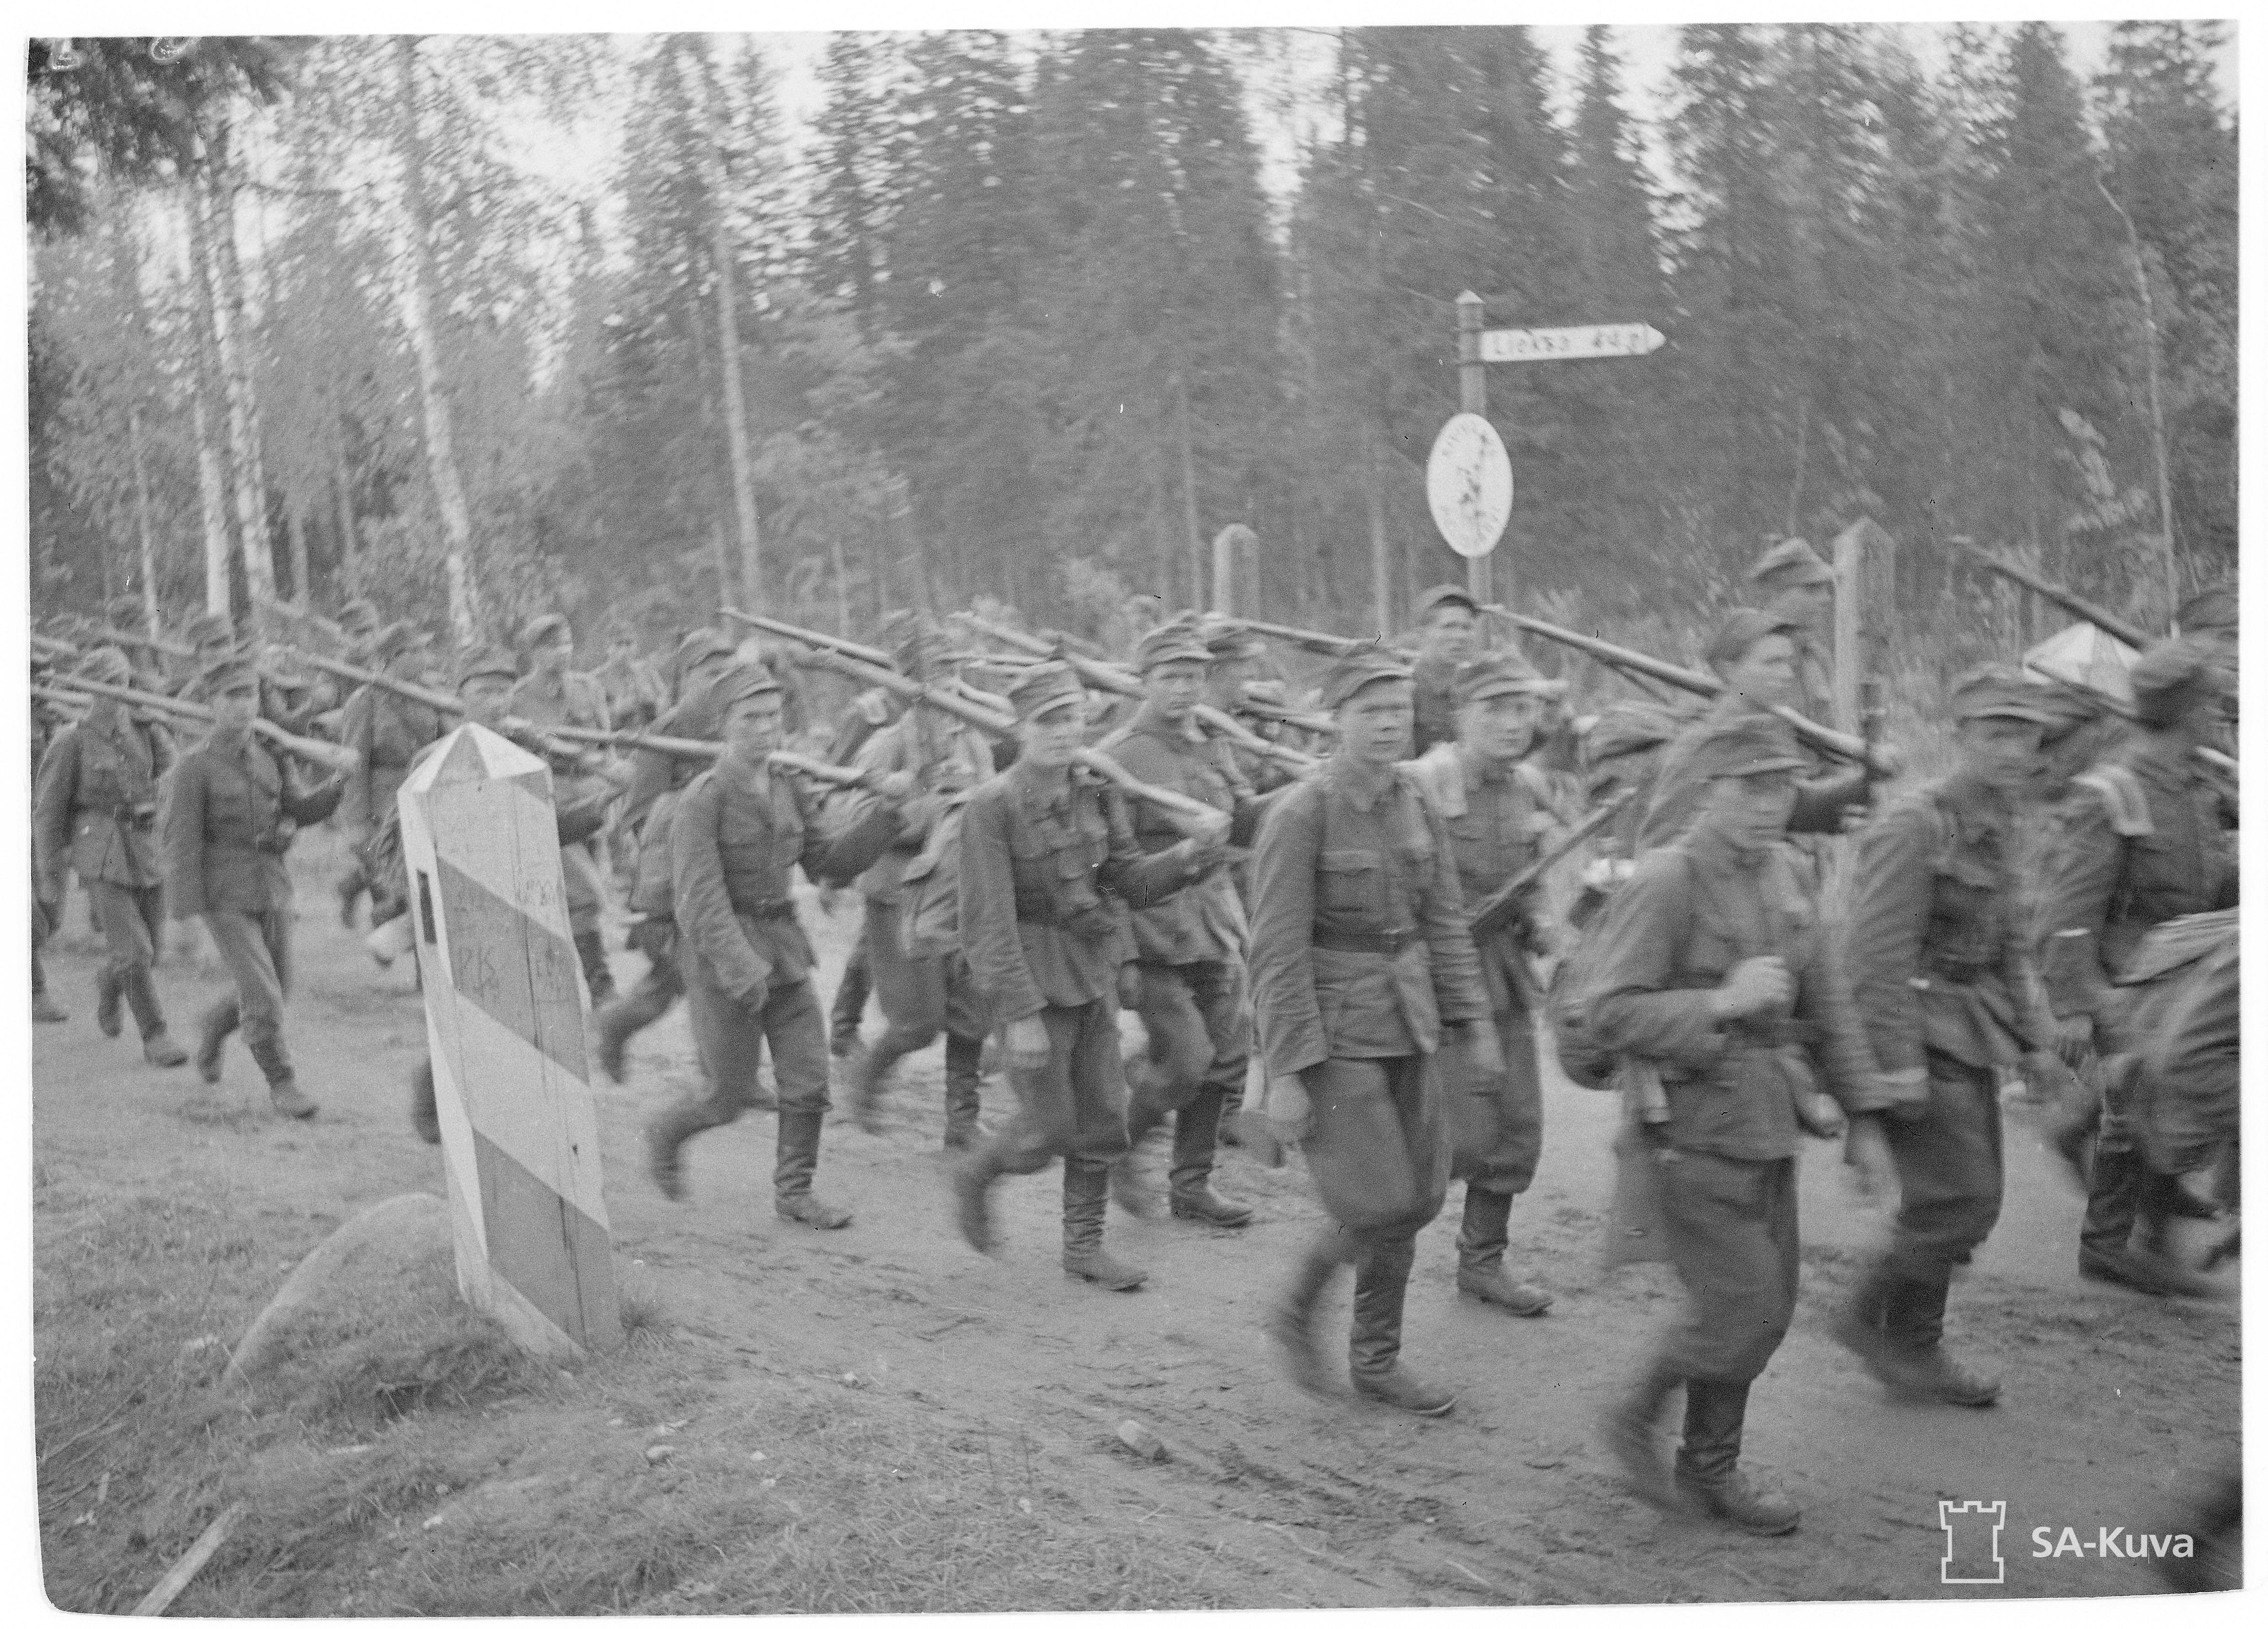 JR 10 ja Er.P 24 saapuvat valtakunnan rajalle 26.9.1944 ja ylittävät sen. SA-Kuva 165116.